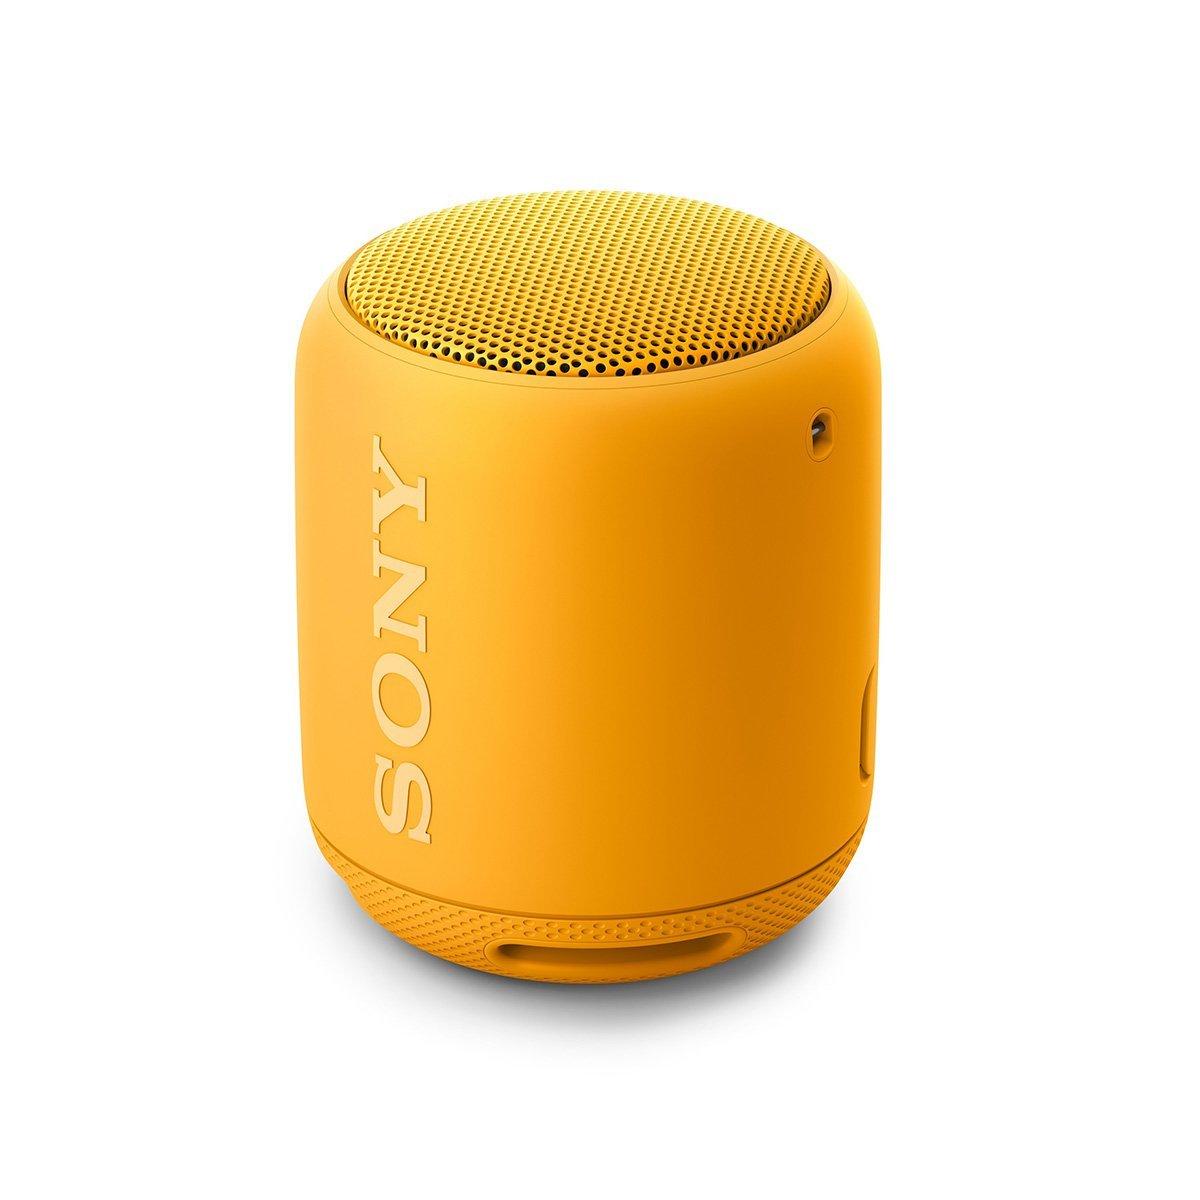 (お取り寄せ)SONY SRS-XB10Y(イエロー) ソニー ワイヤレスポータブルスピーカー 重低音モデル 防水/Bluetooth/NFC対応 [SRSXB10]